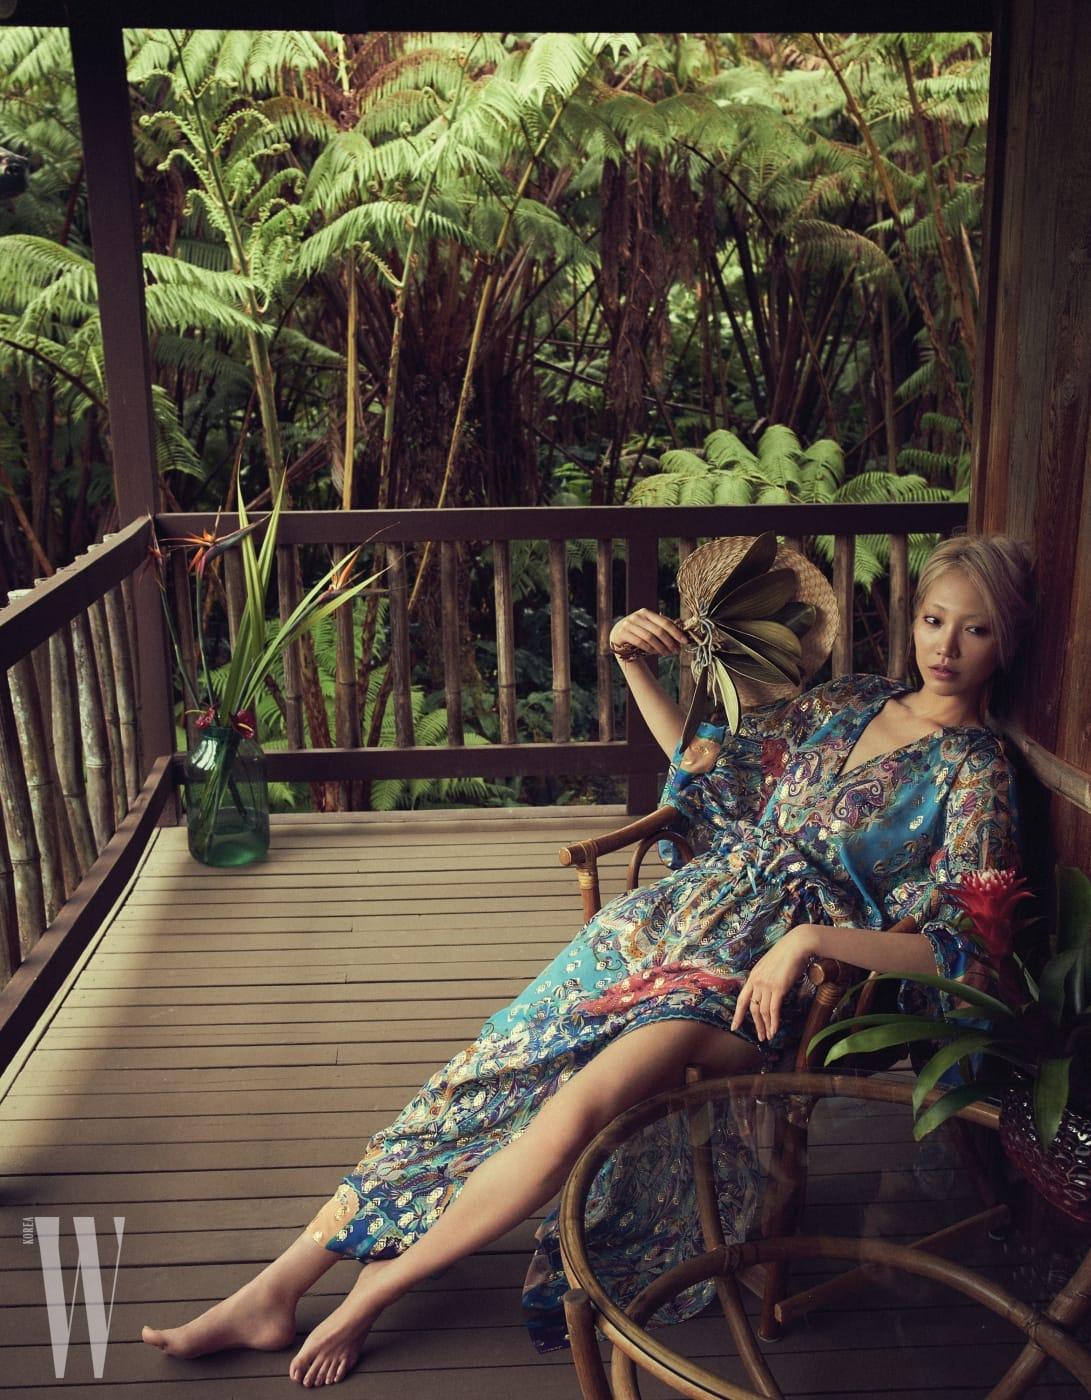 화려한 프린트가 이국적인 롱 비치 드레스는 Etro 제품.